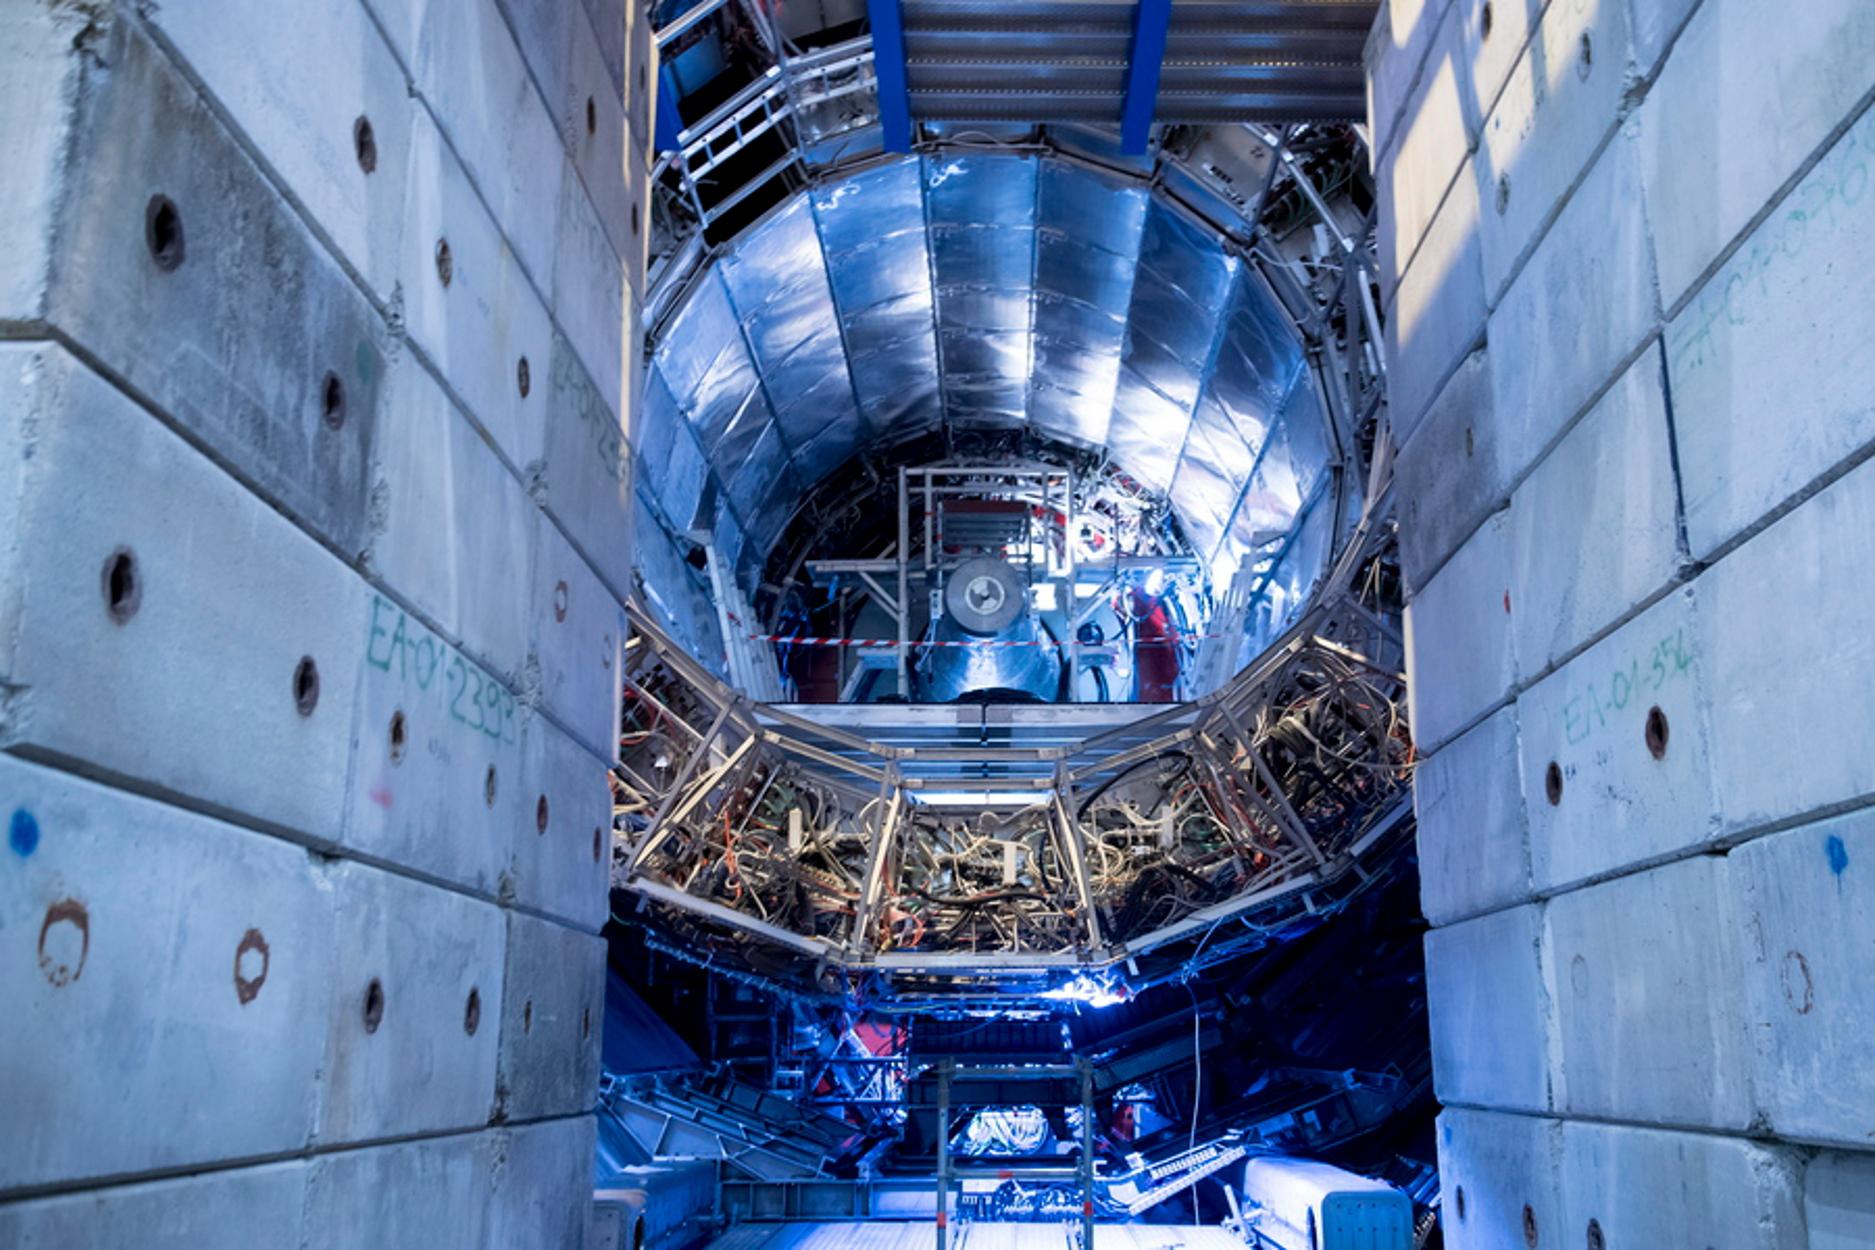 Ο CERN ανακάλυψε νέο «εξωτικό» σωματίδιο σαν αυτά που υπήρχαν στη δημιουργία του σύμπαντος